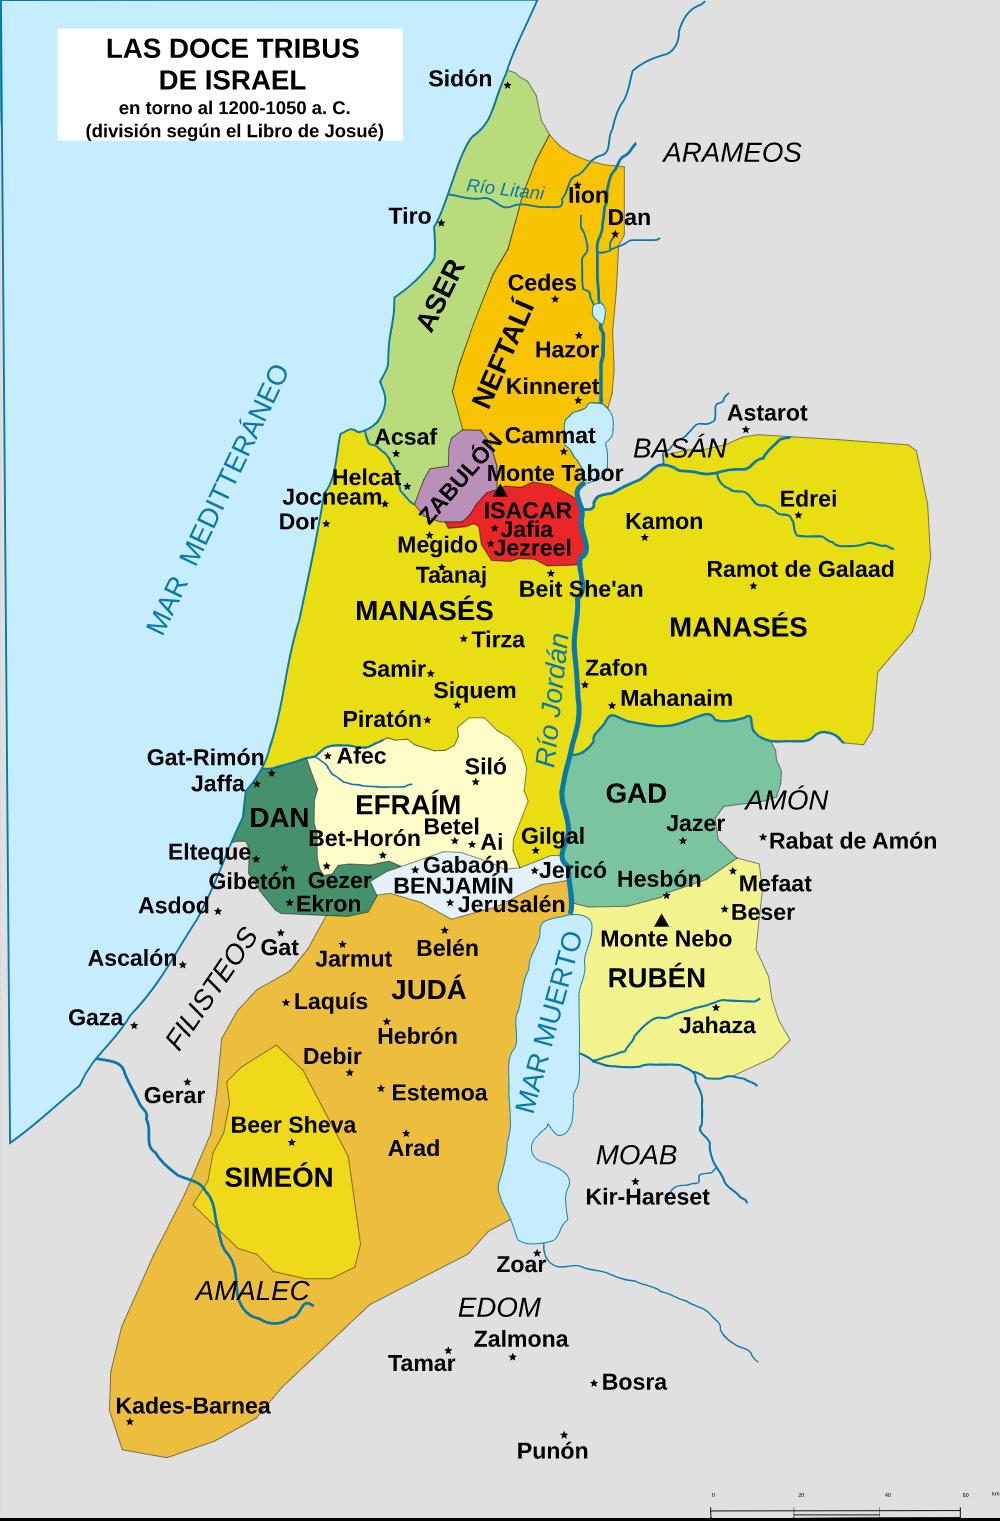 Mapa De Canaan En Tiempos De Abraham Búsqueda De Google Fotos De Israel Bandera De Israel Fuerzas De Defensa De Israel